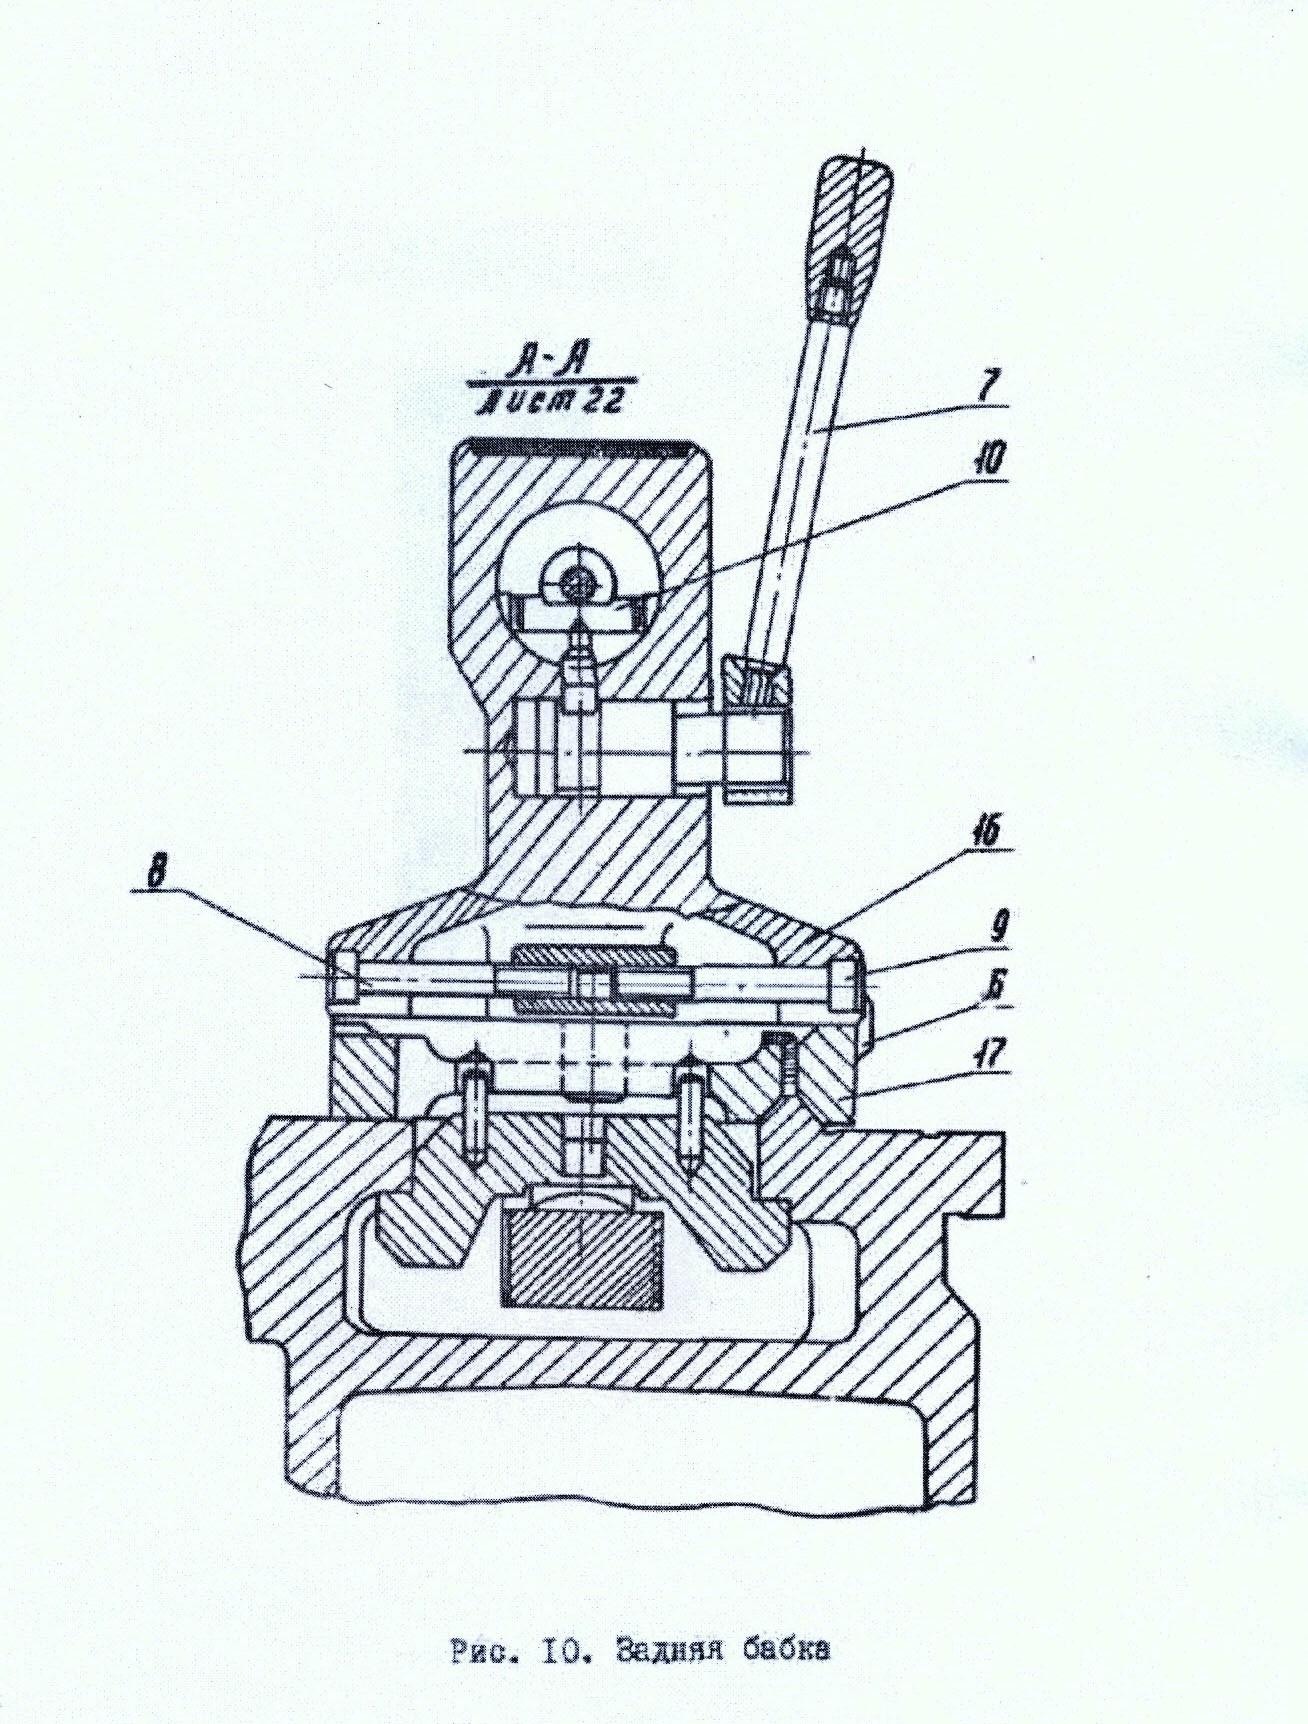 Задняя бабка на токарный станок схема